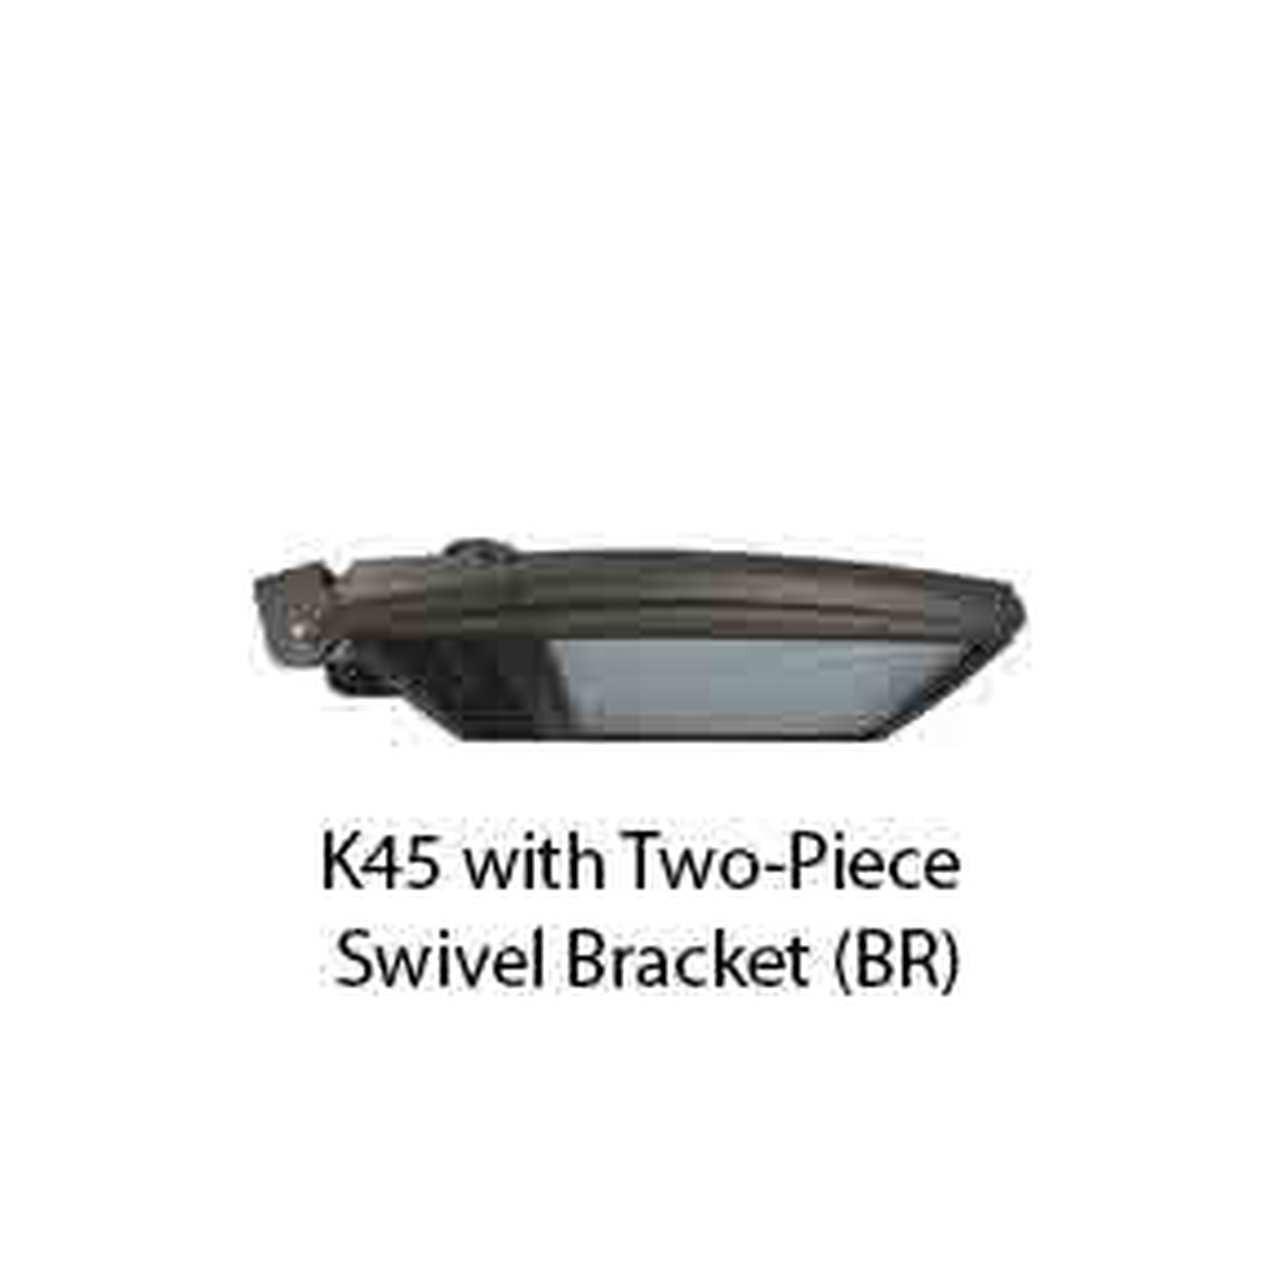 K45 with Two-Piece Swivel Bracket (BR)